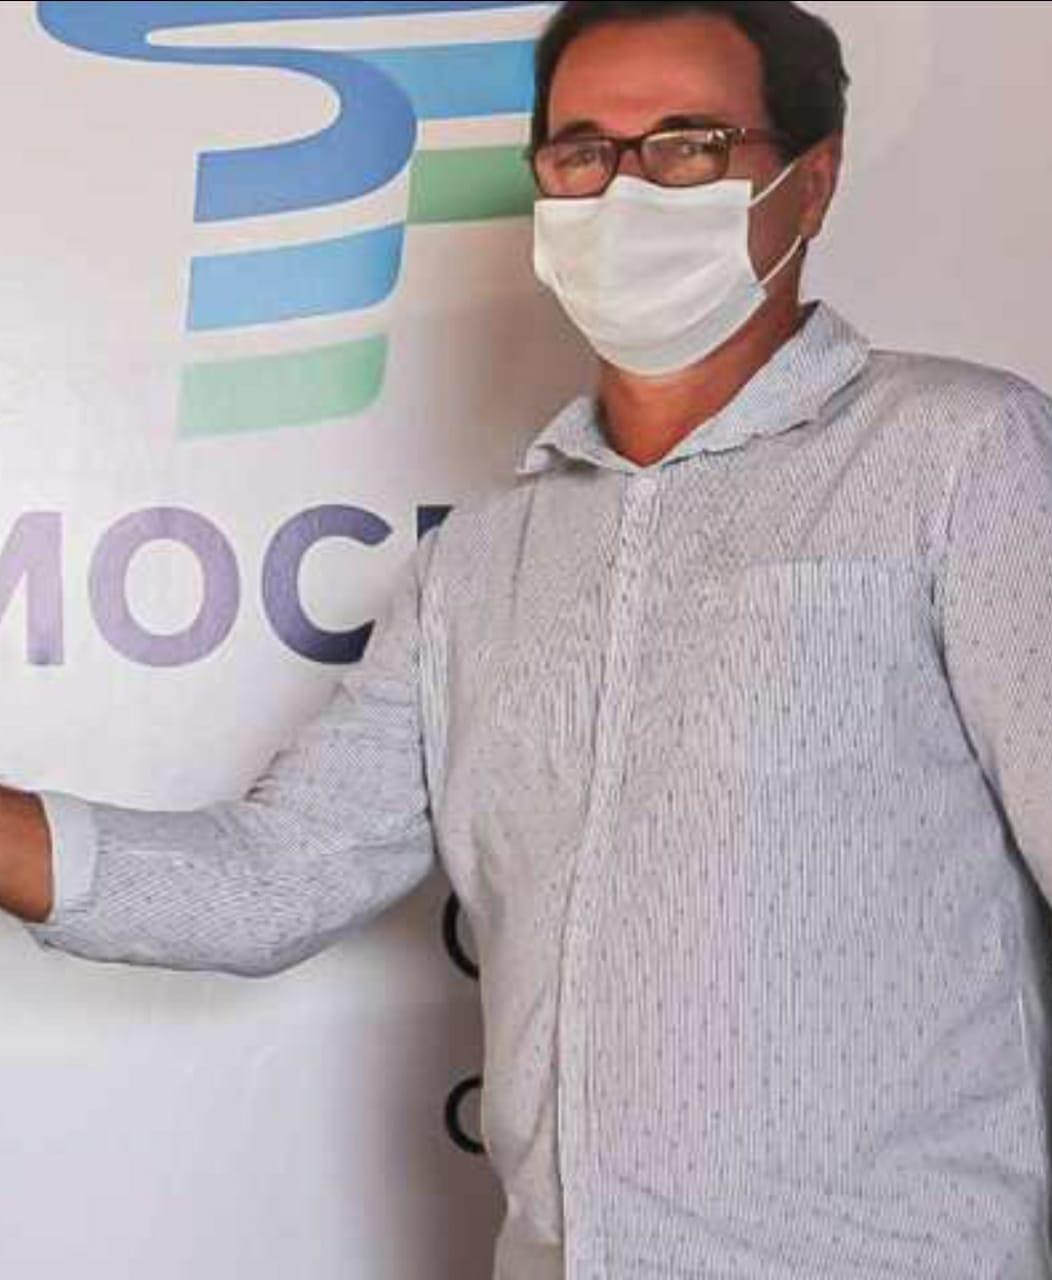 Vereador Francisco Piaba defende reabertura das feiras livres